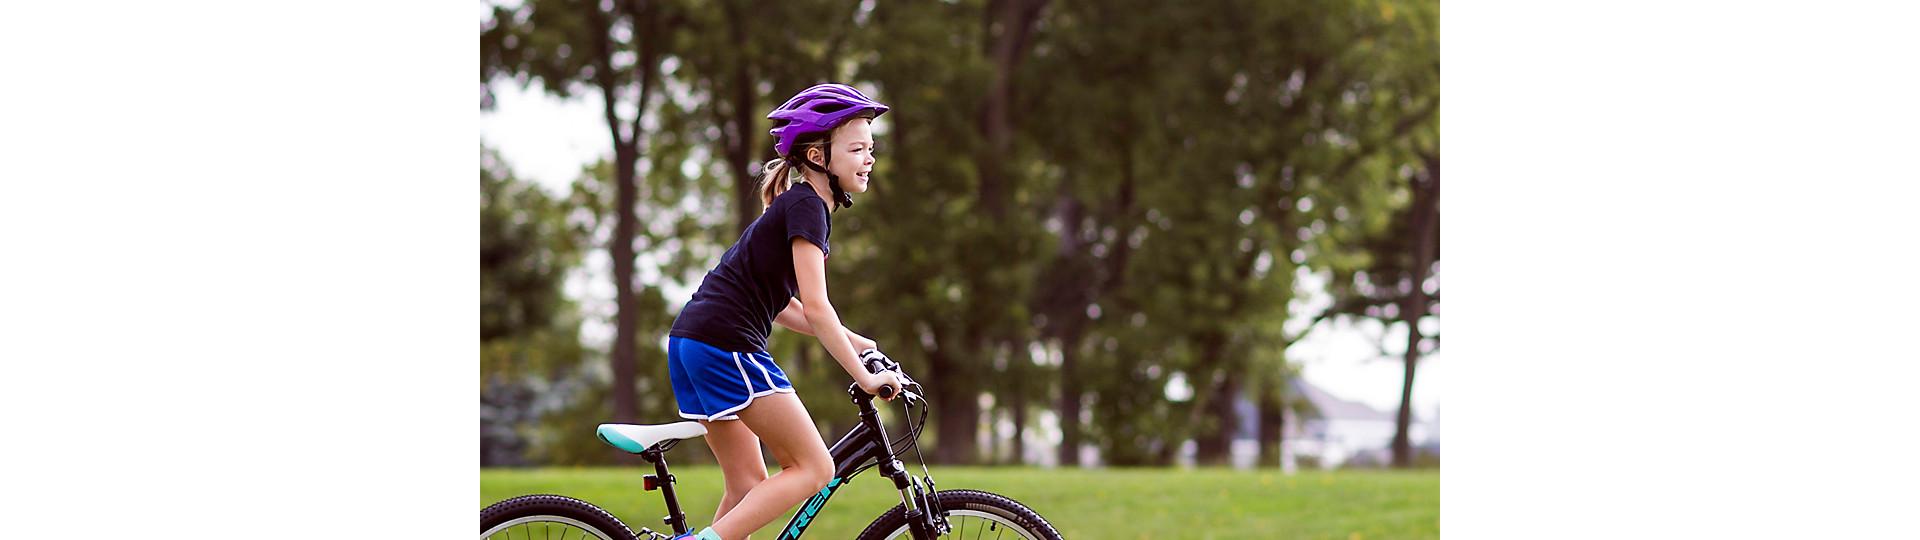 Girls  bikes  16e585719